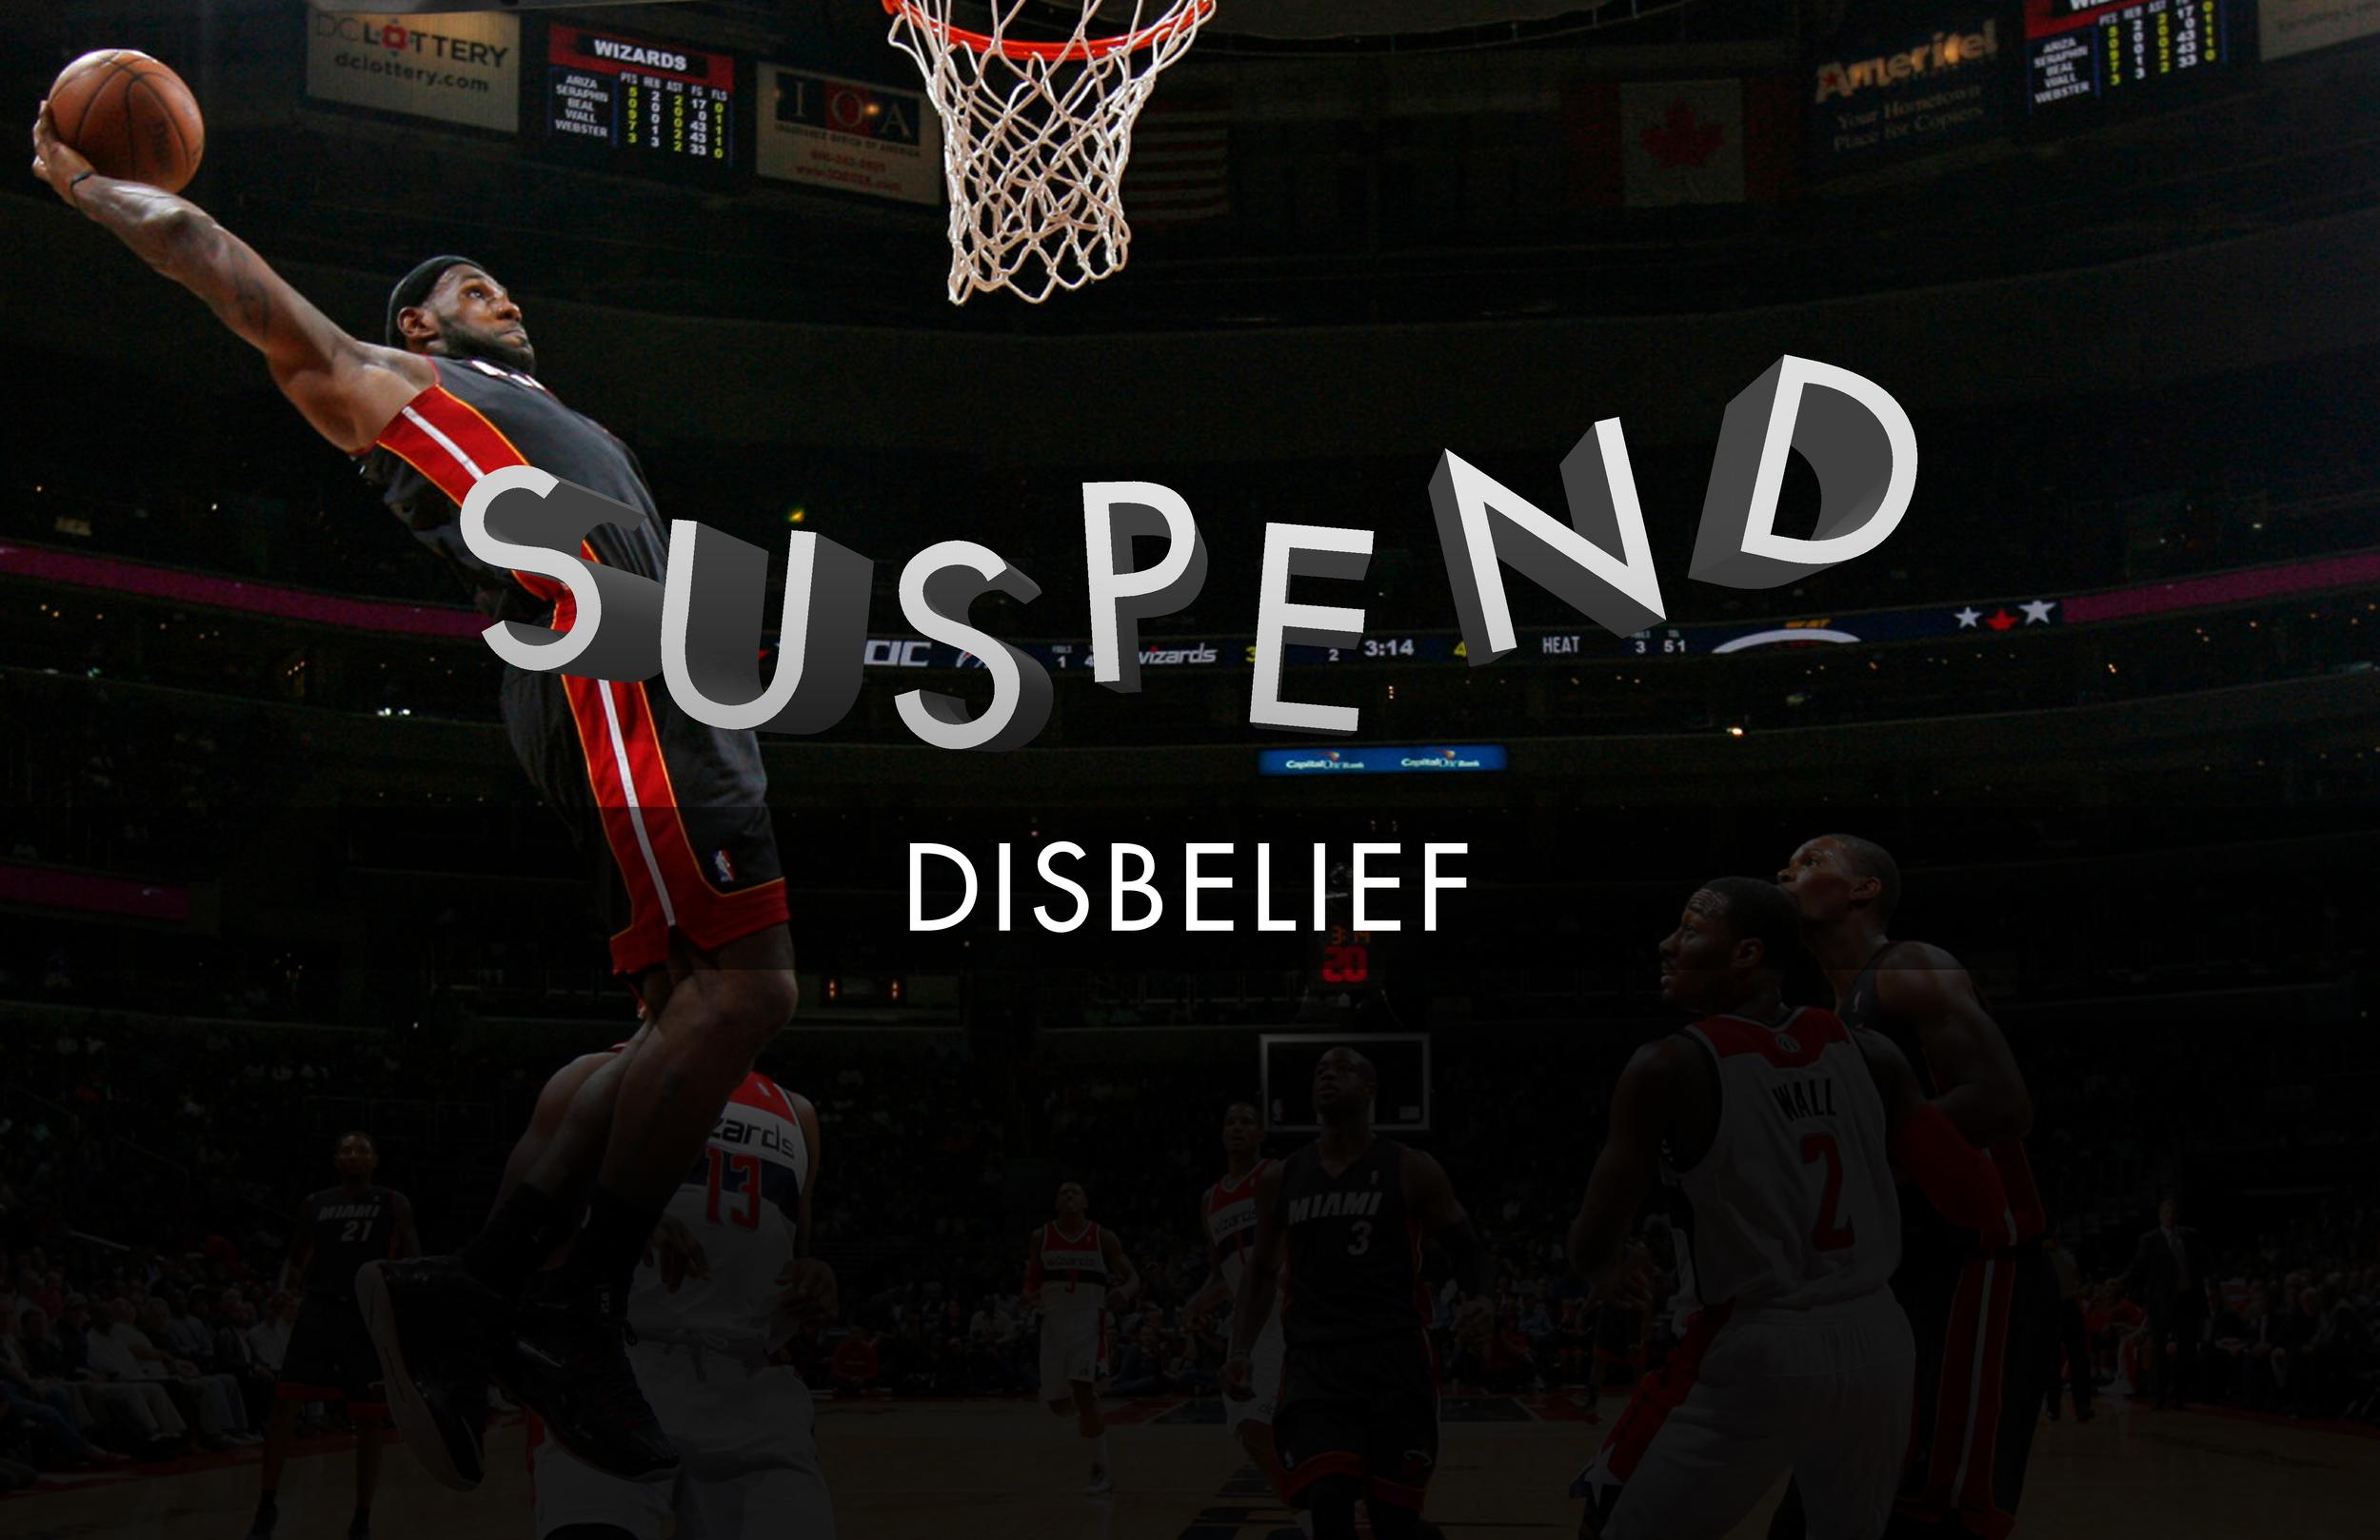 suspend.jpg